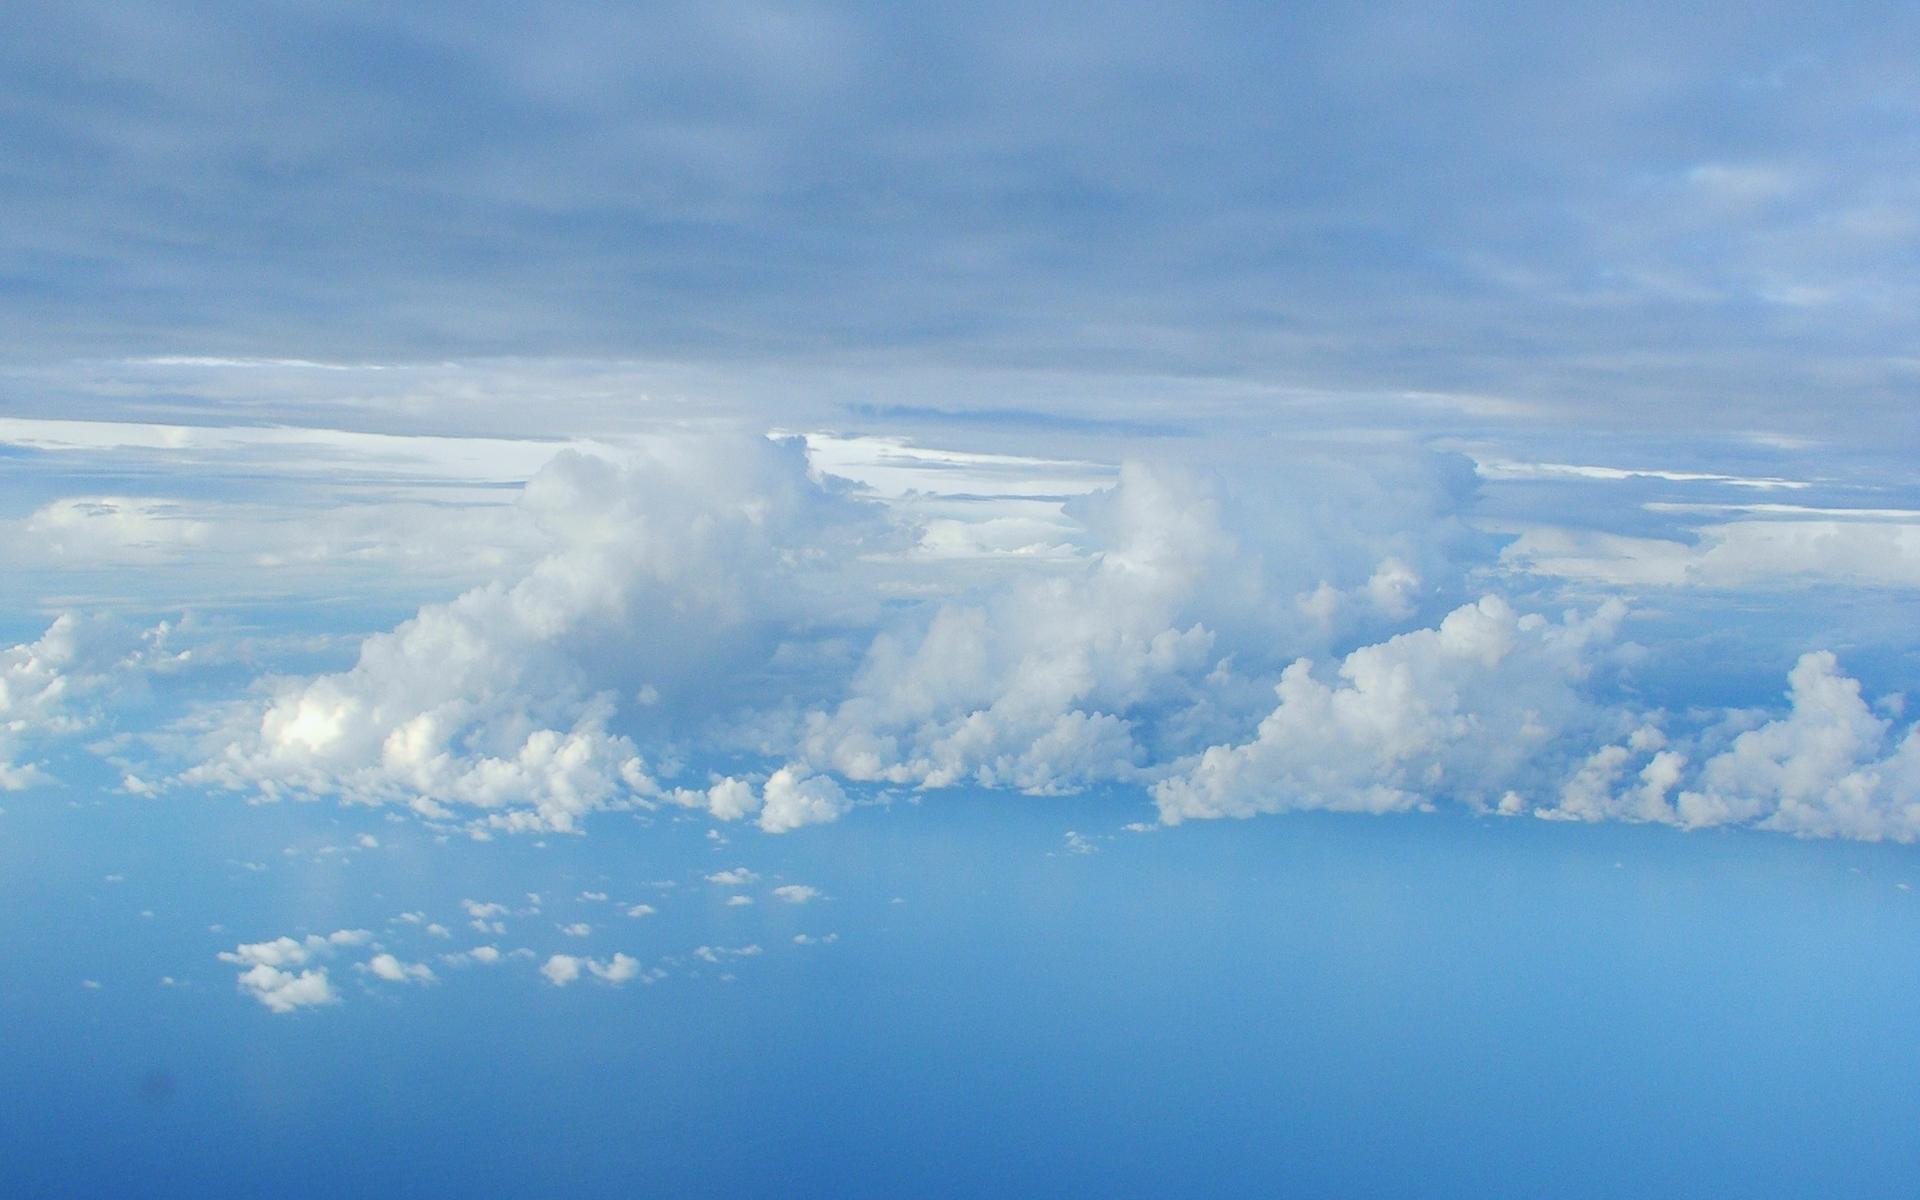 蓝天白云高清壁纸win7壁纸 精美壁纸 高清壁纸 宽屏壁纸